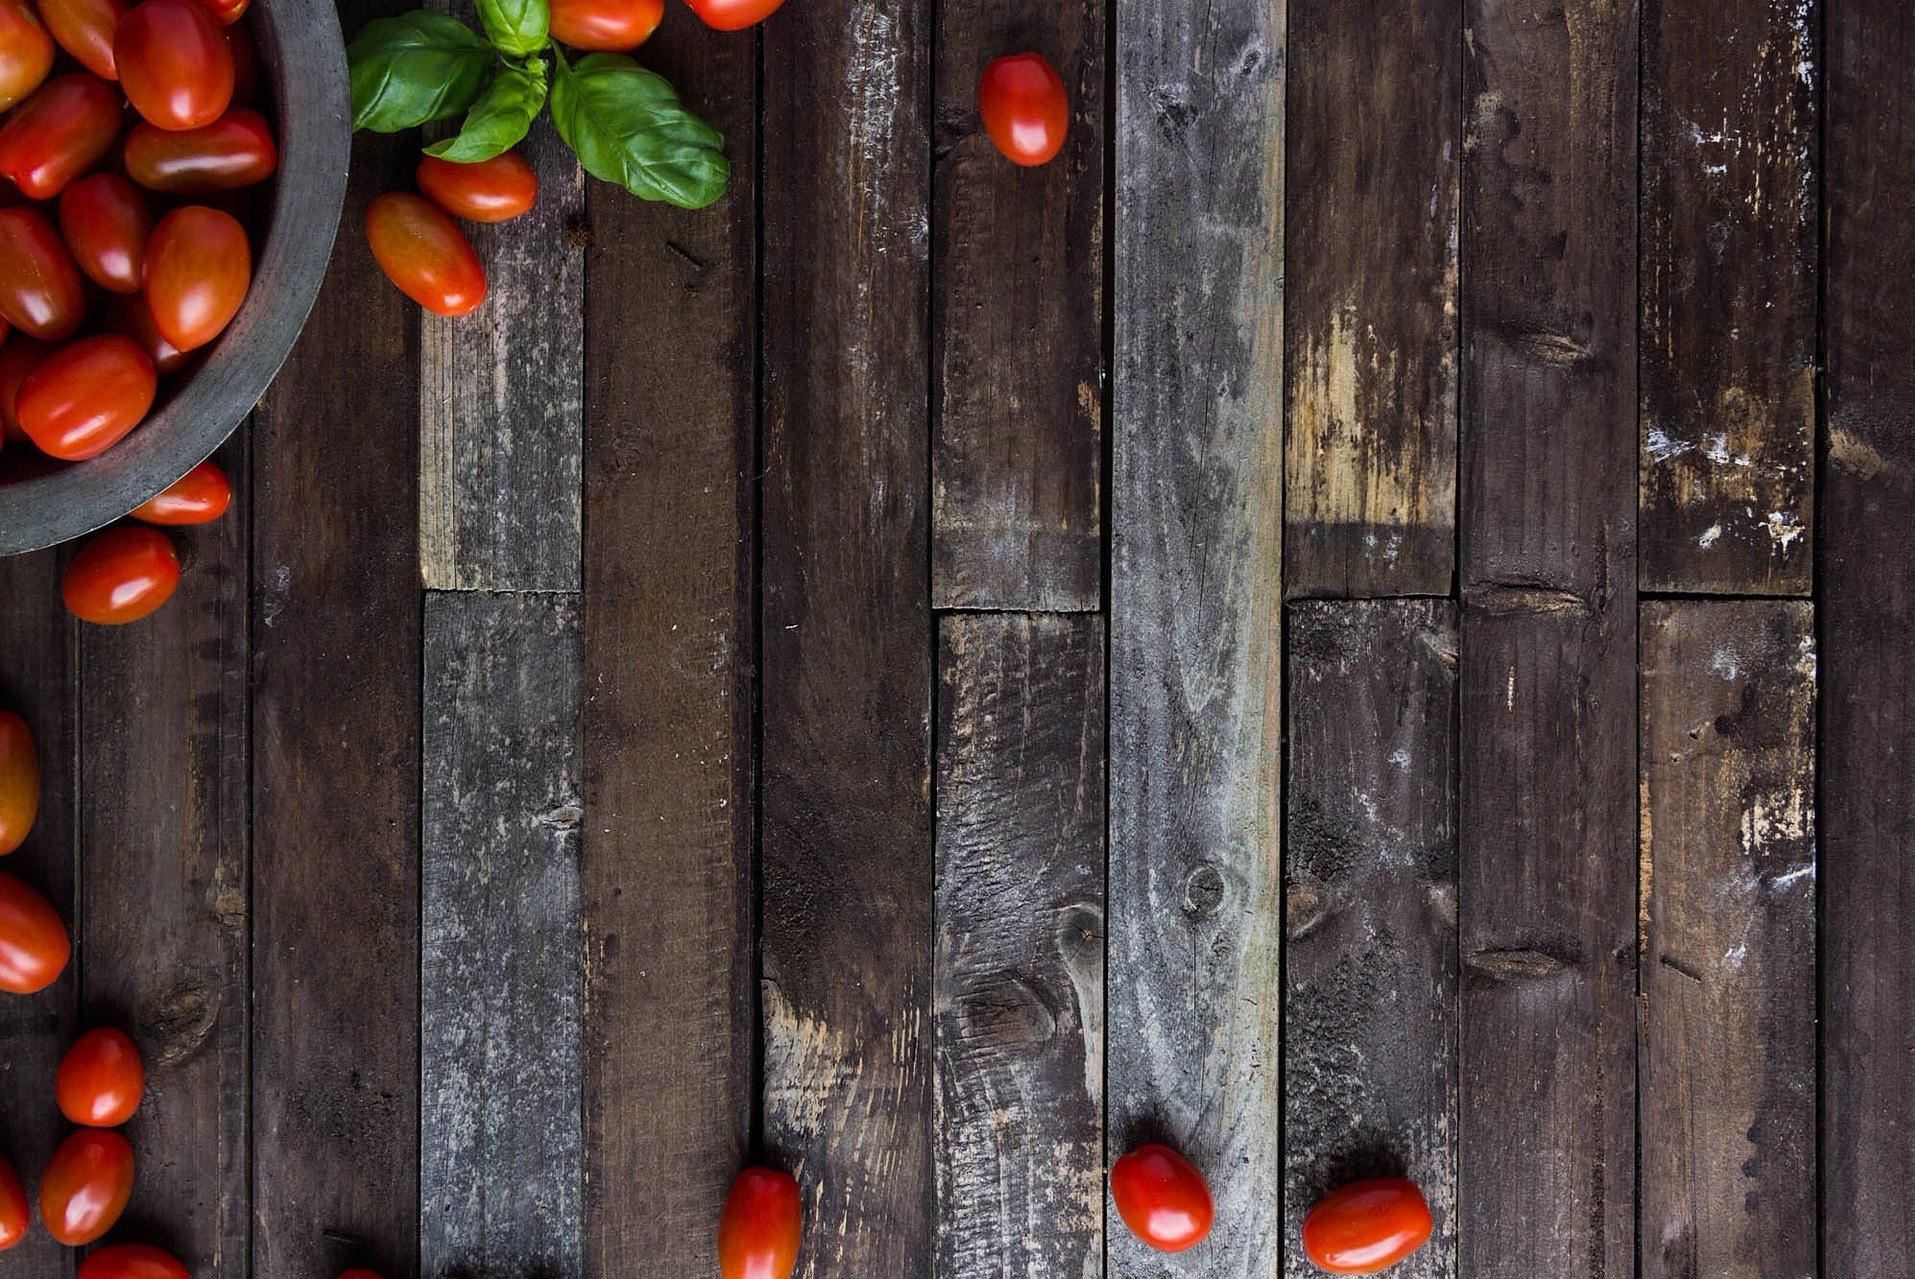 cherry-tomatoes-794468_1920.jpg